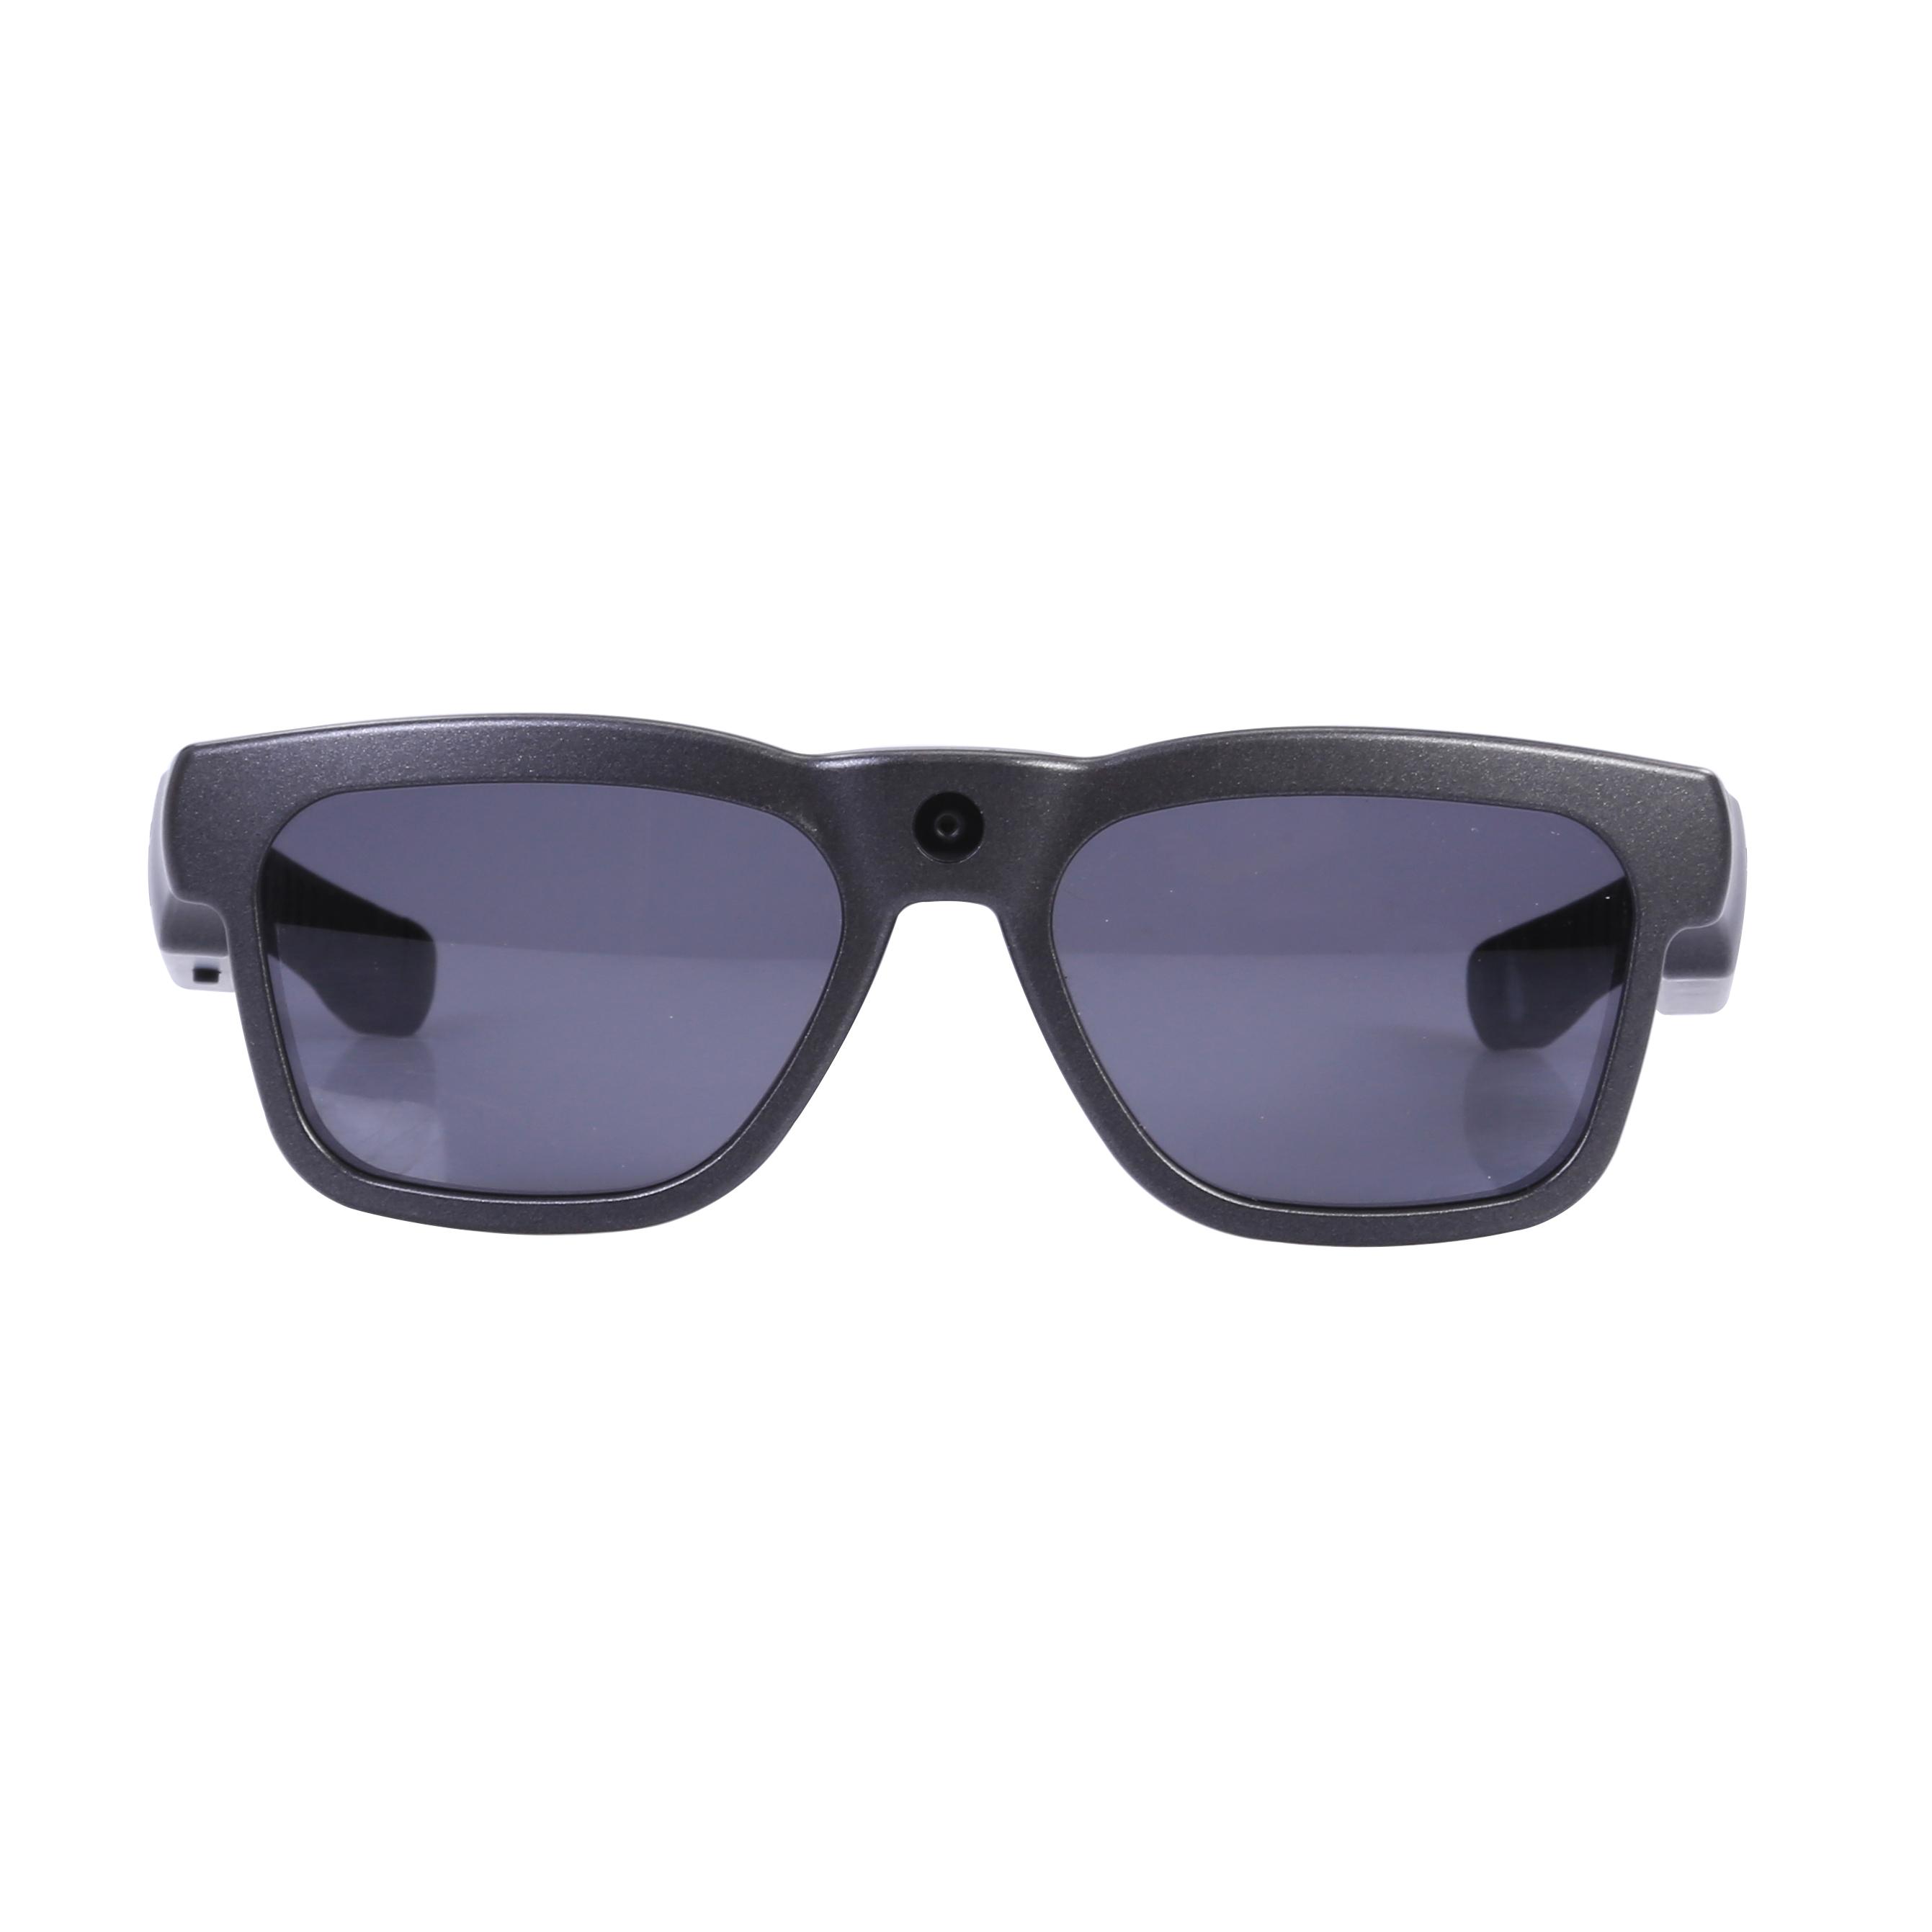 Цифровая камера-очки X-TRY XTG330 64 Gb BLACK